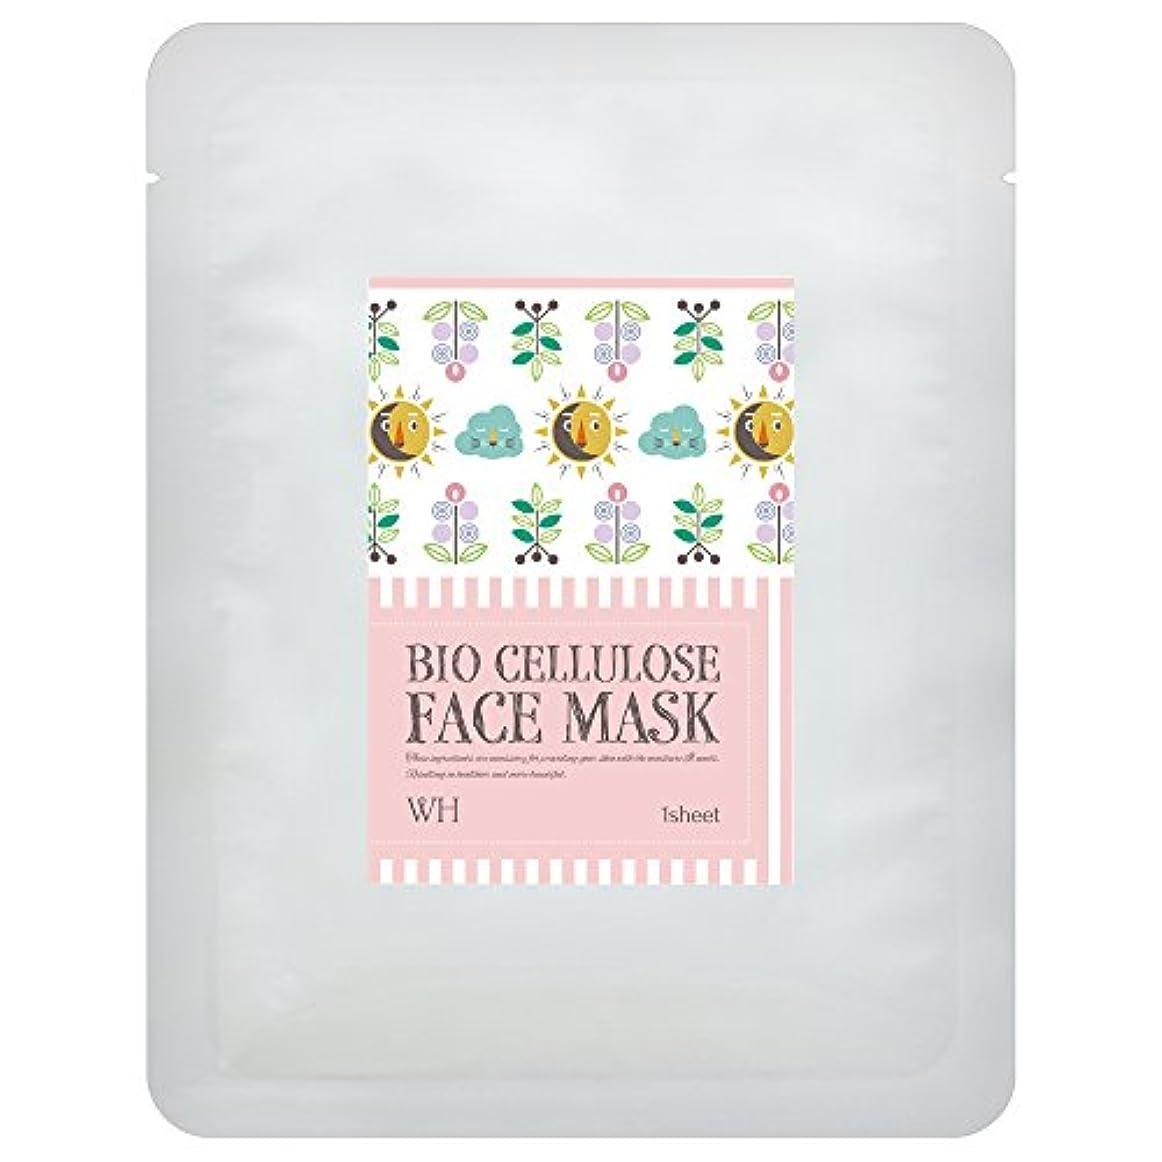 気づく適応する自伝日本製バイオセルロース フェイスマスク WH(輝白系) 1枚